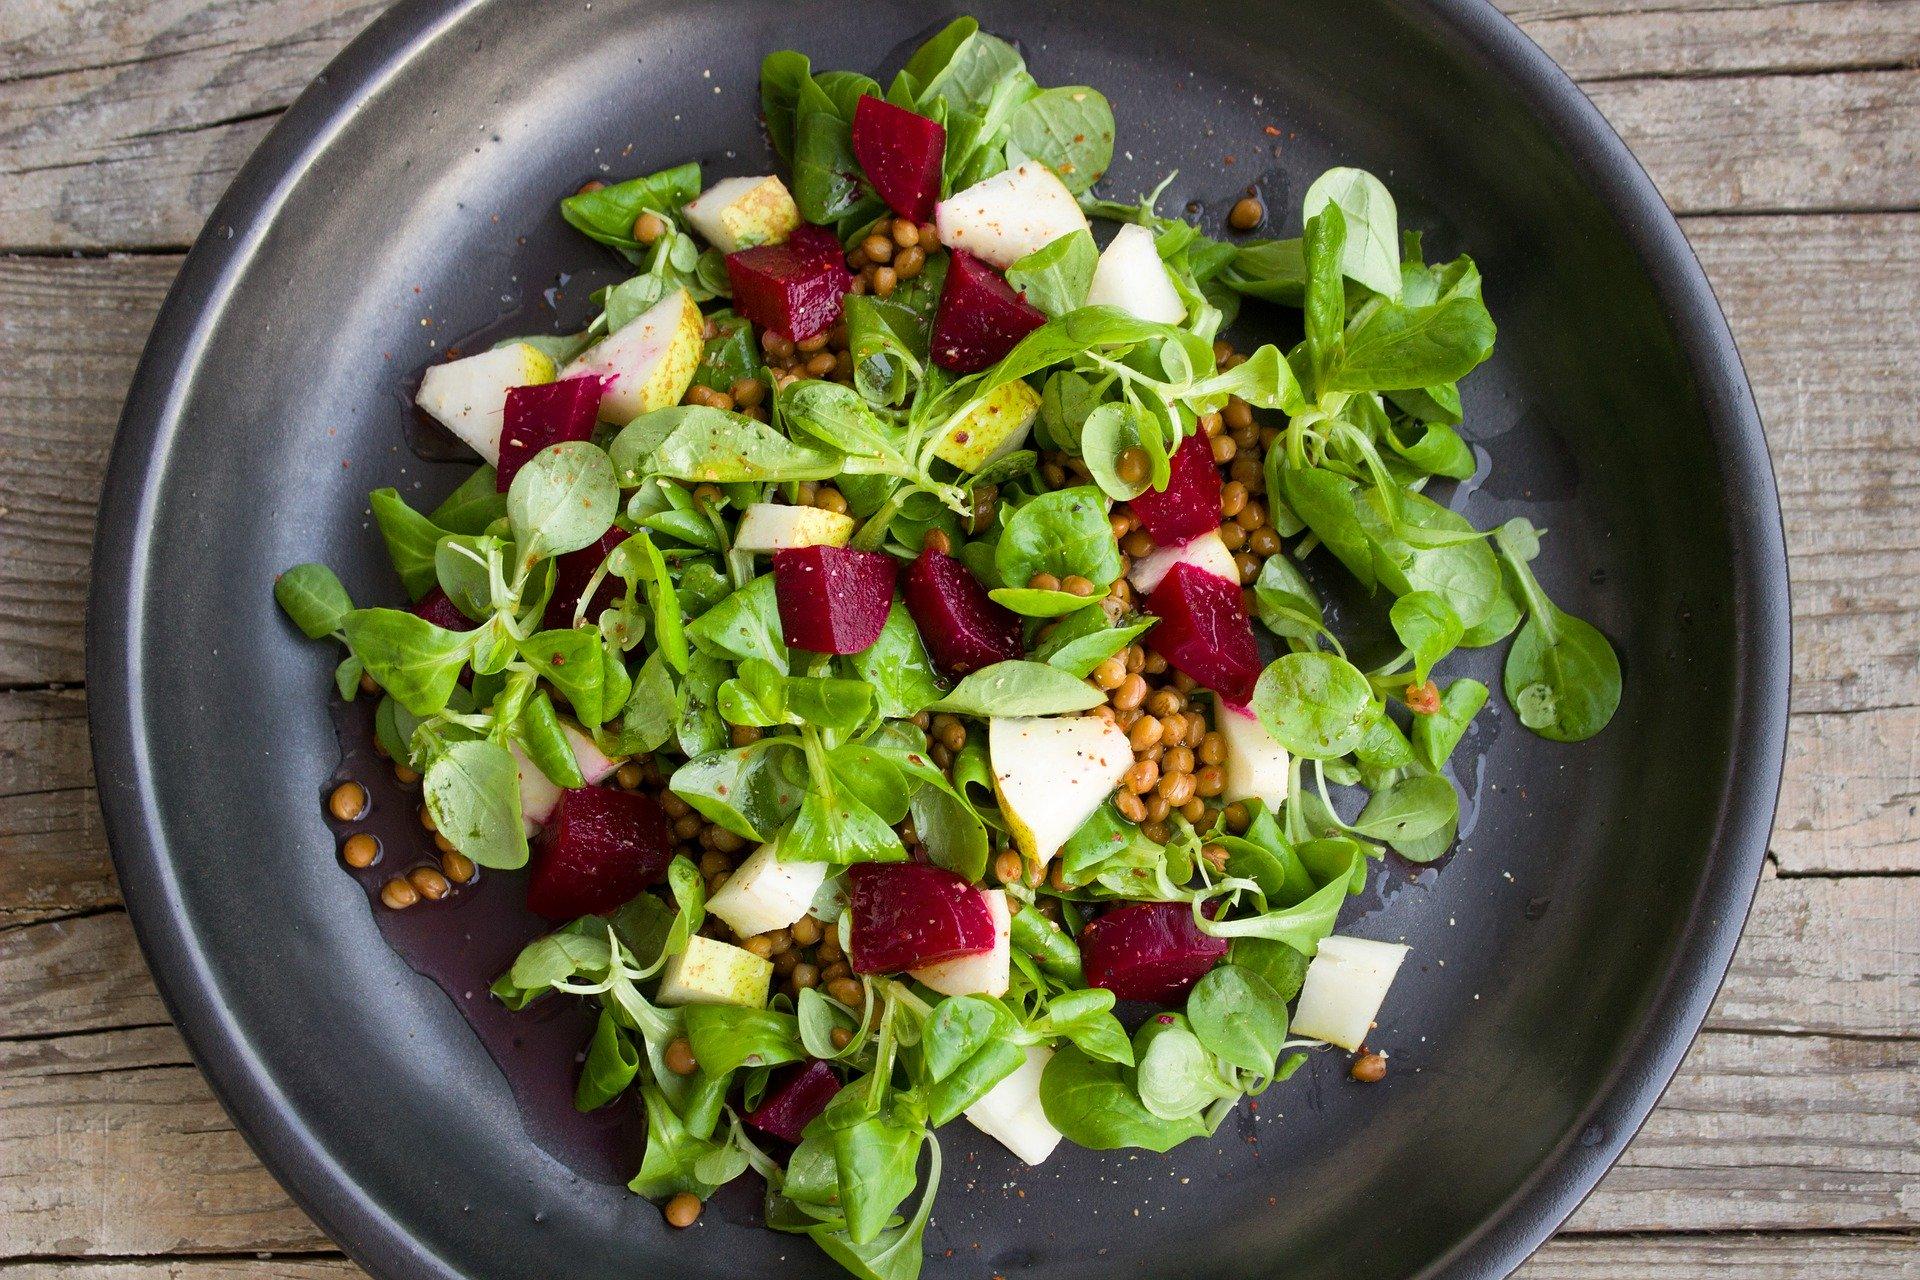 Traumhaftes Restaurant Mit Vegetarisch Veganer Kuche Sucht Nachmieter Gastroimmo Berlin